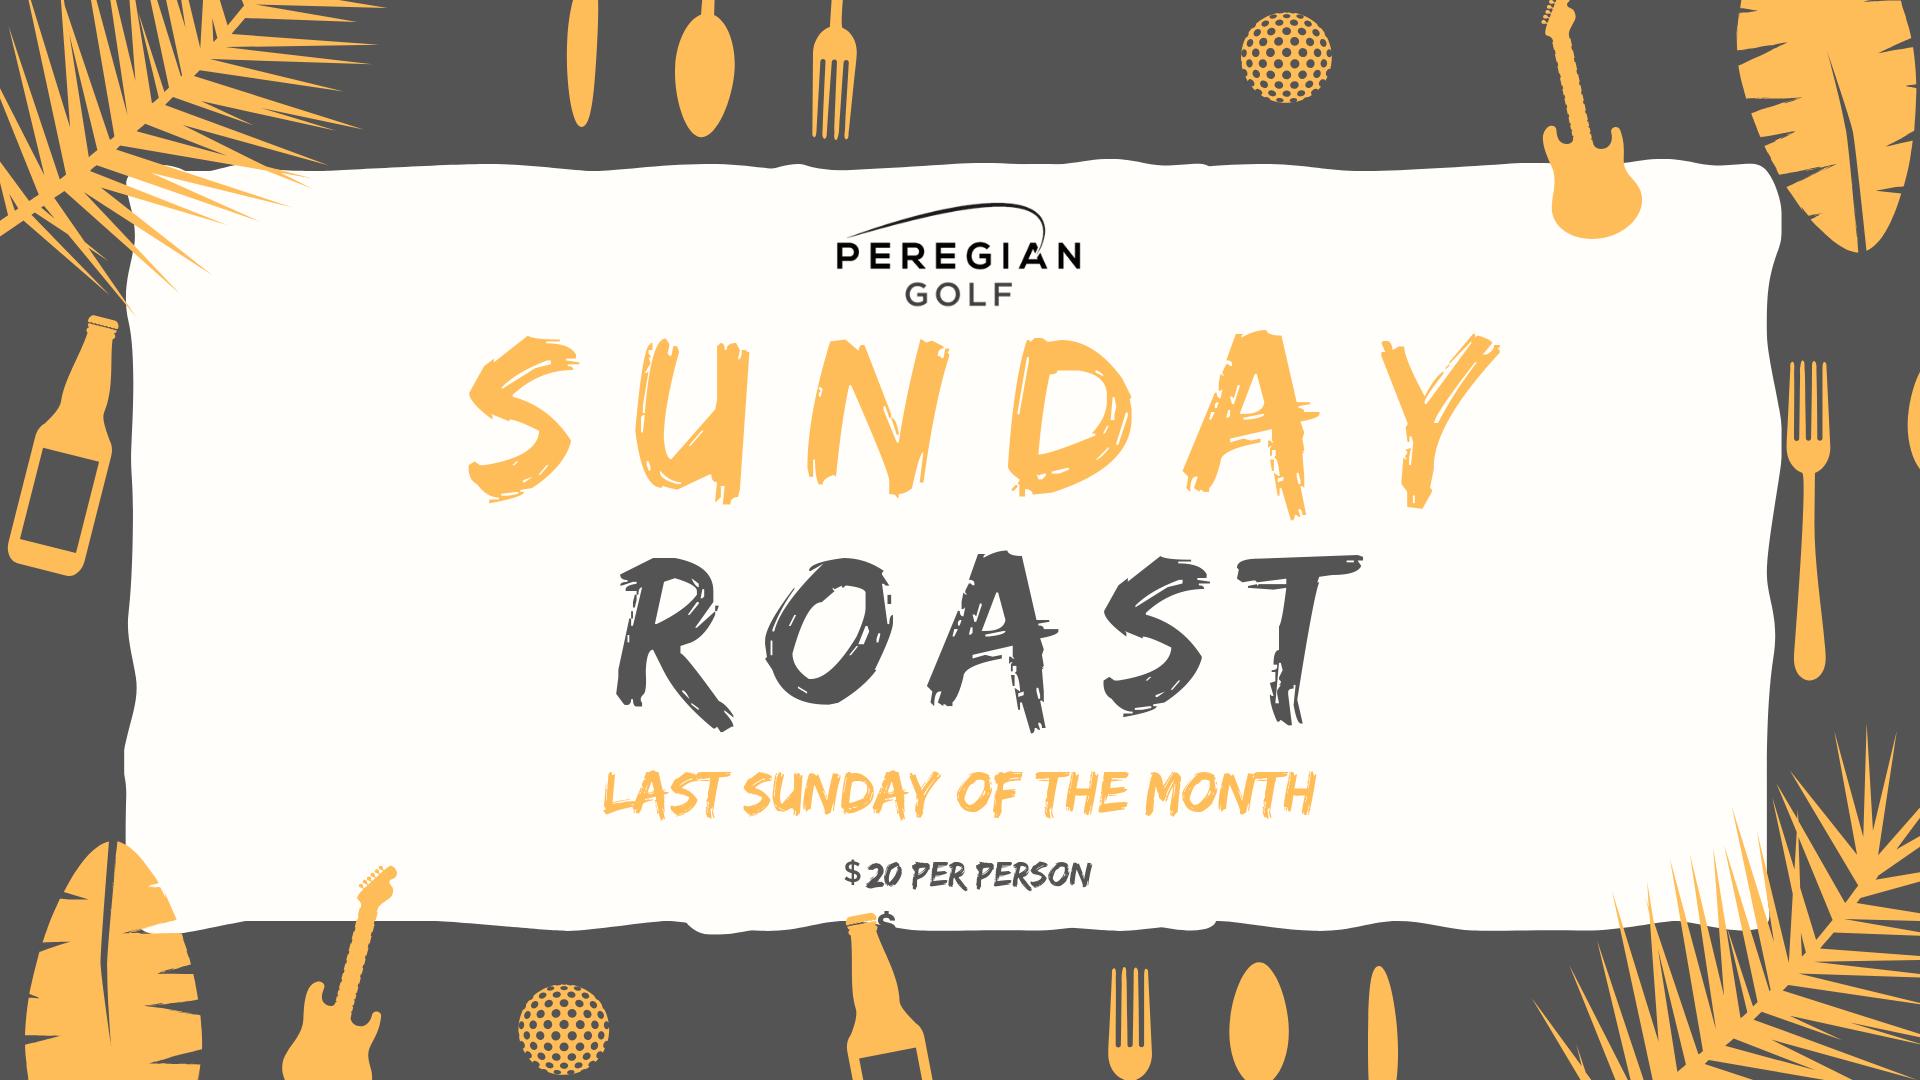 Peregian Sunday Roast TV